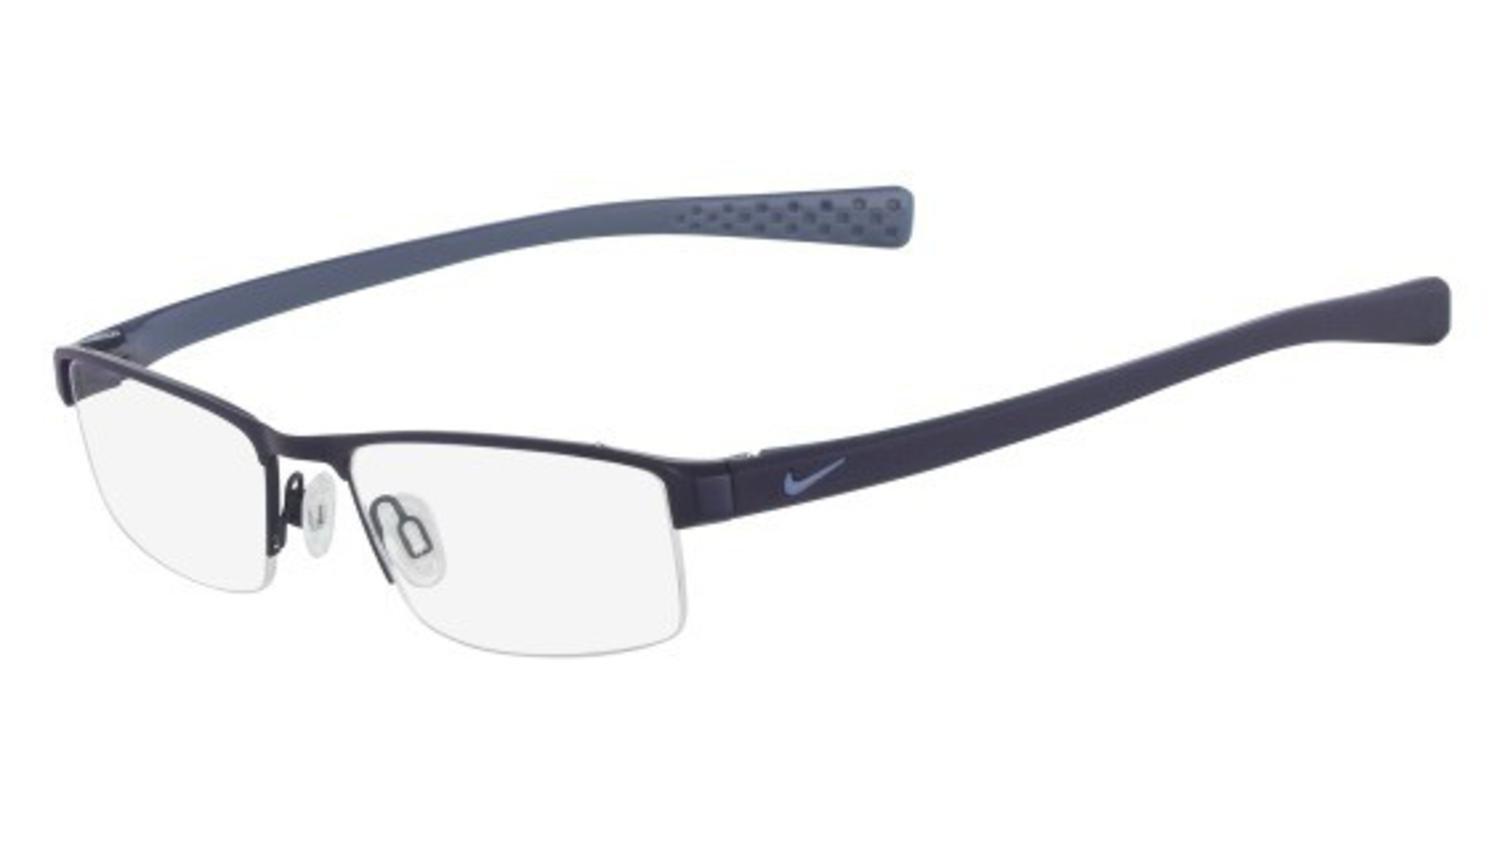 Eyeglasses NIKE 8095 400 SATIN BLUE/OCEAN FOG